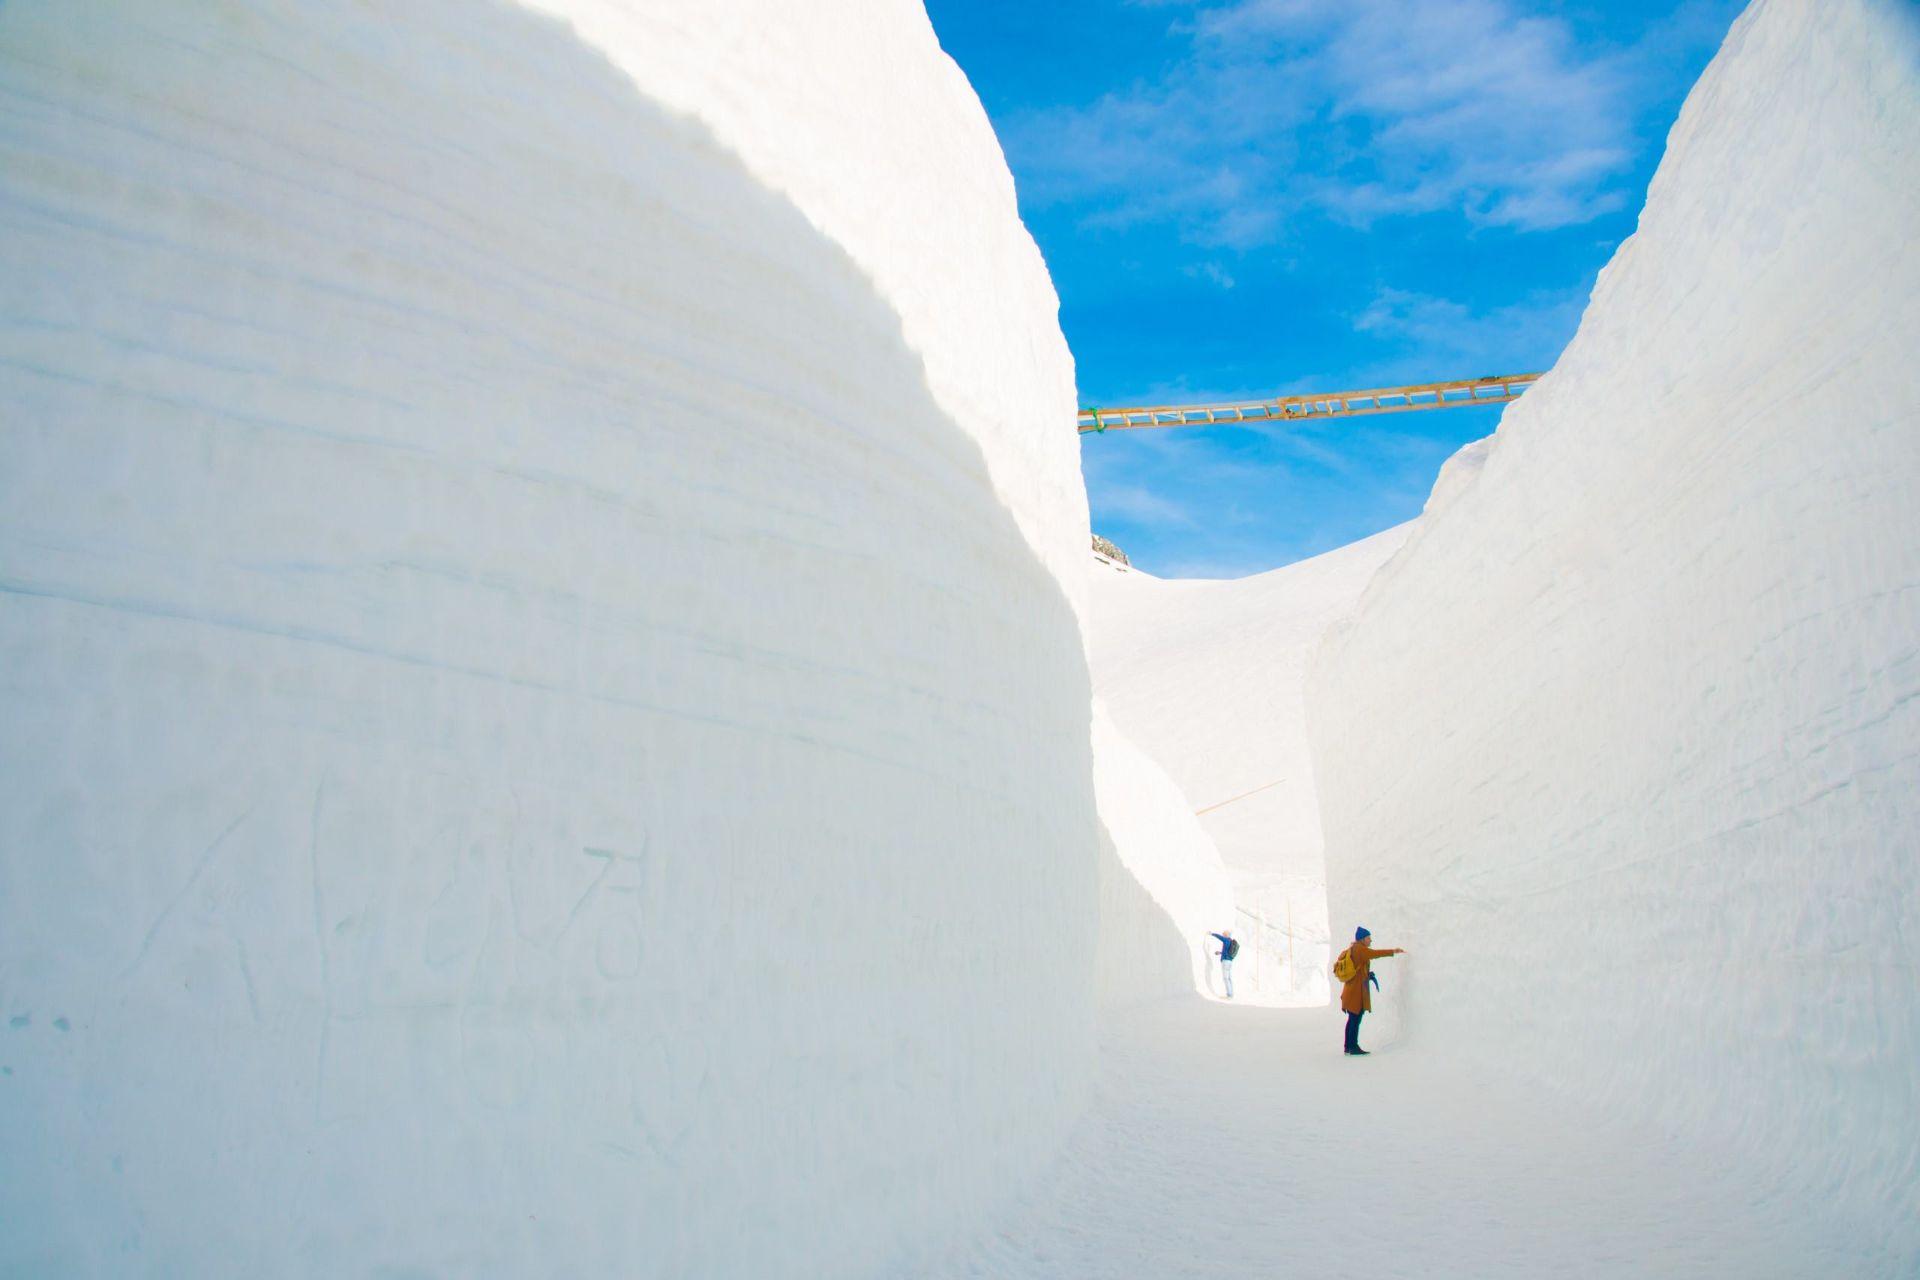 Die Schneemauer von Toyama